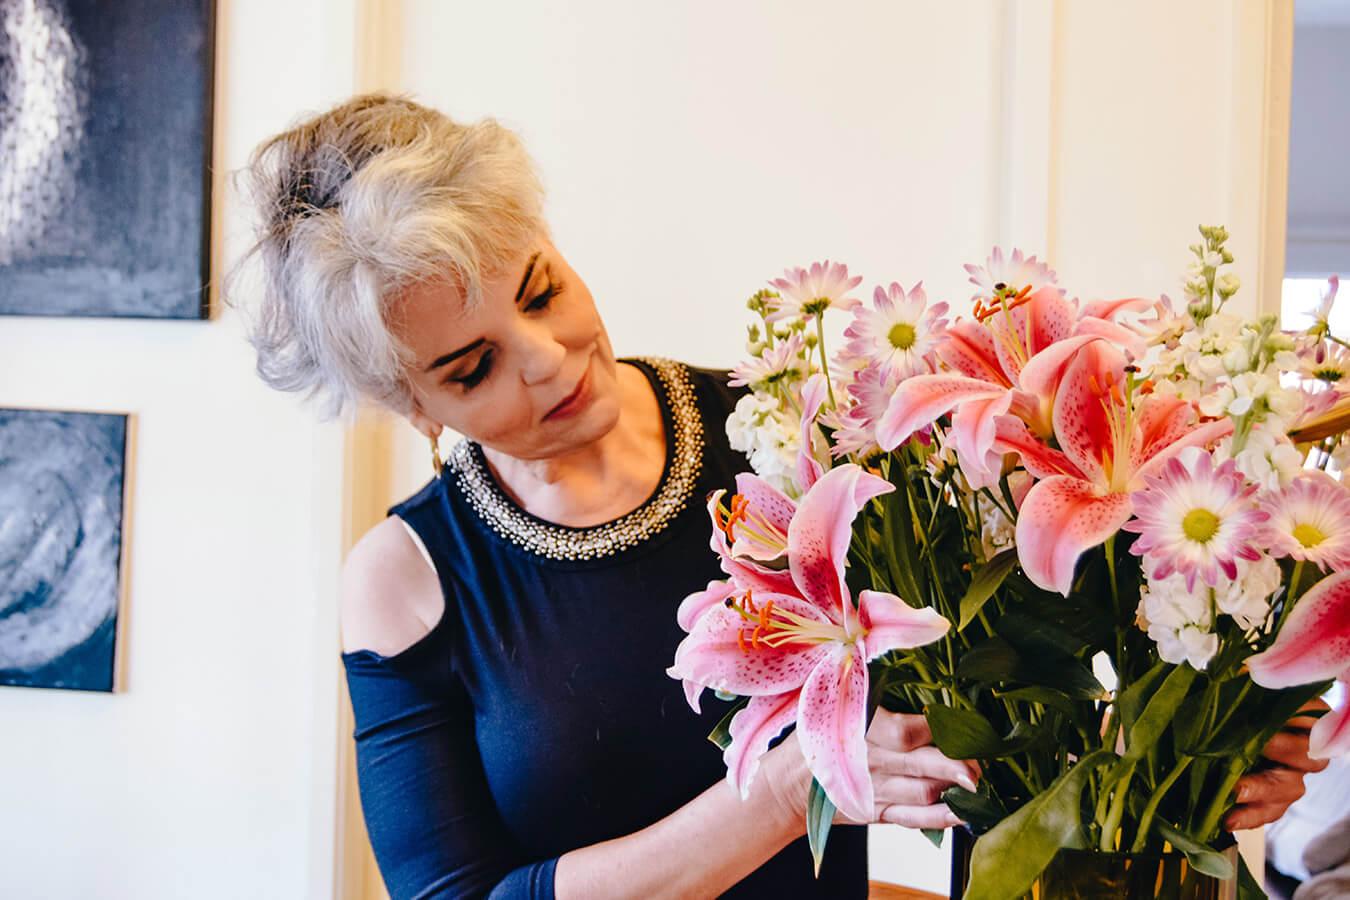 Życzenia na Dzień Matki dla teściowej – czego wypada życzyć mamie swojej drugiej połówki?